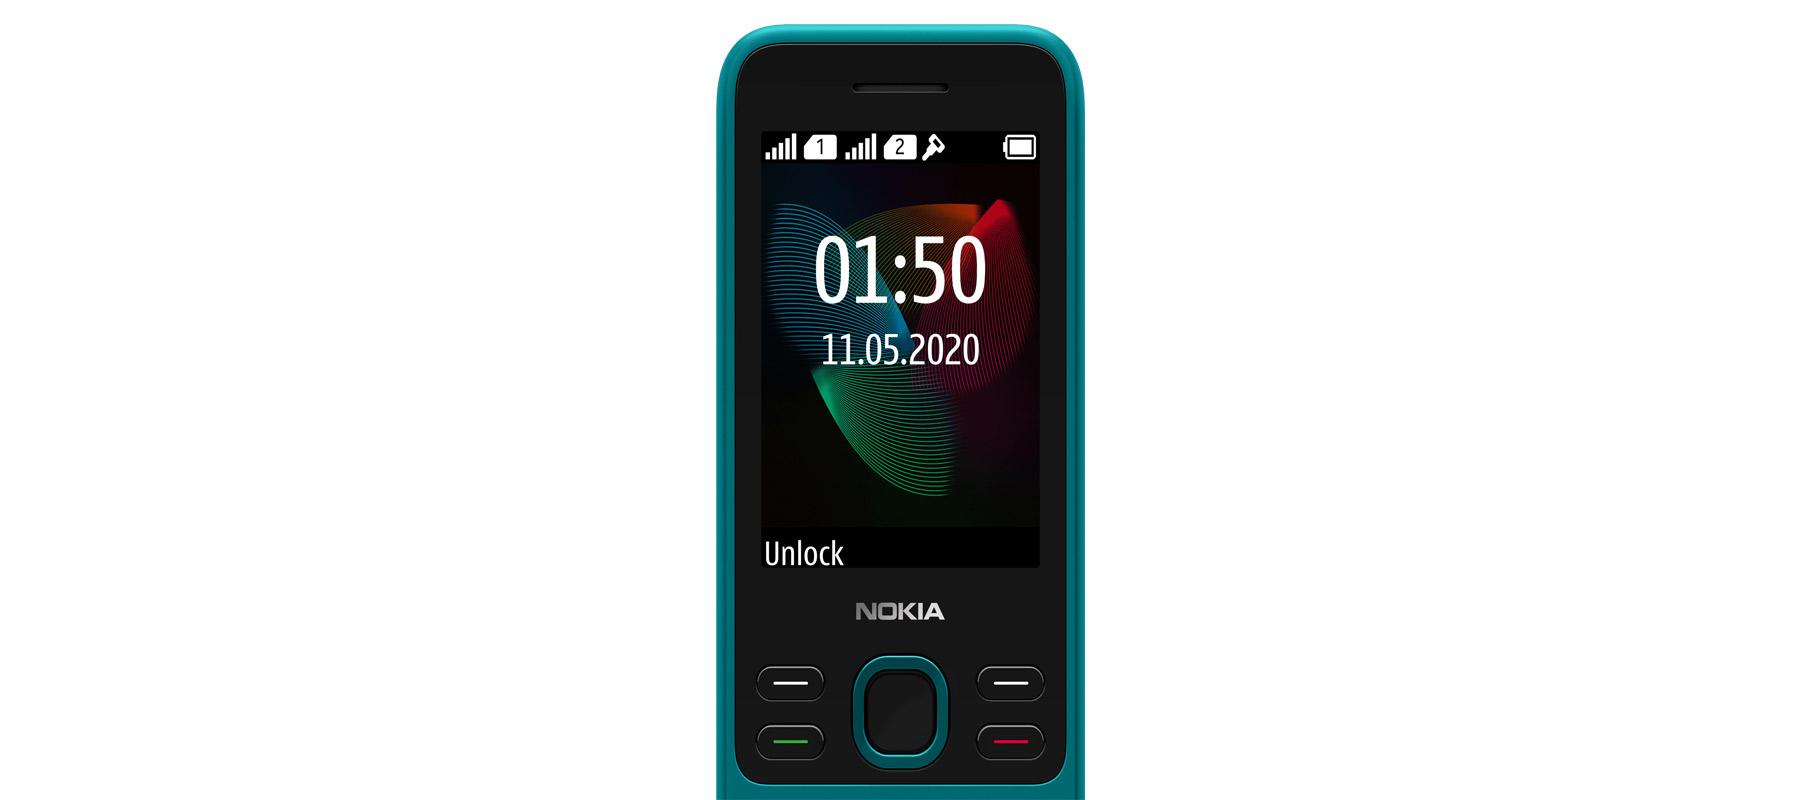 باتری گوشی نوکیا 150 مدل 2020